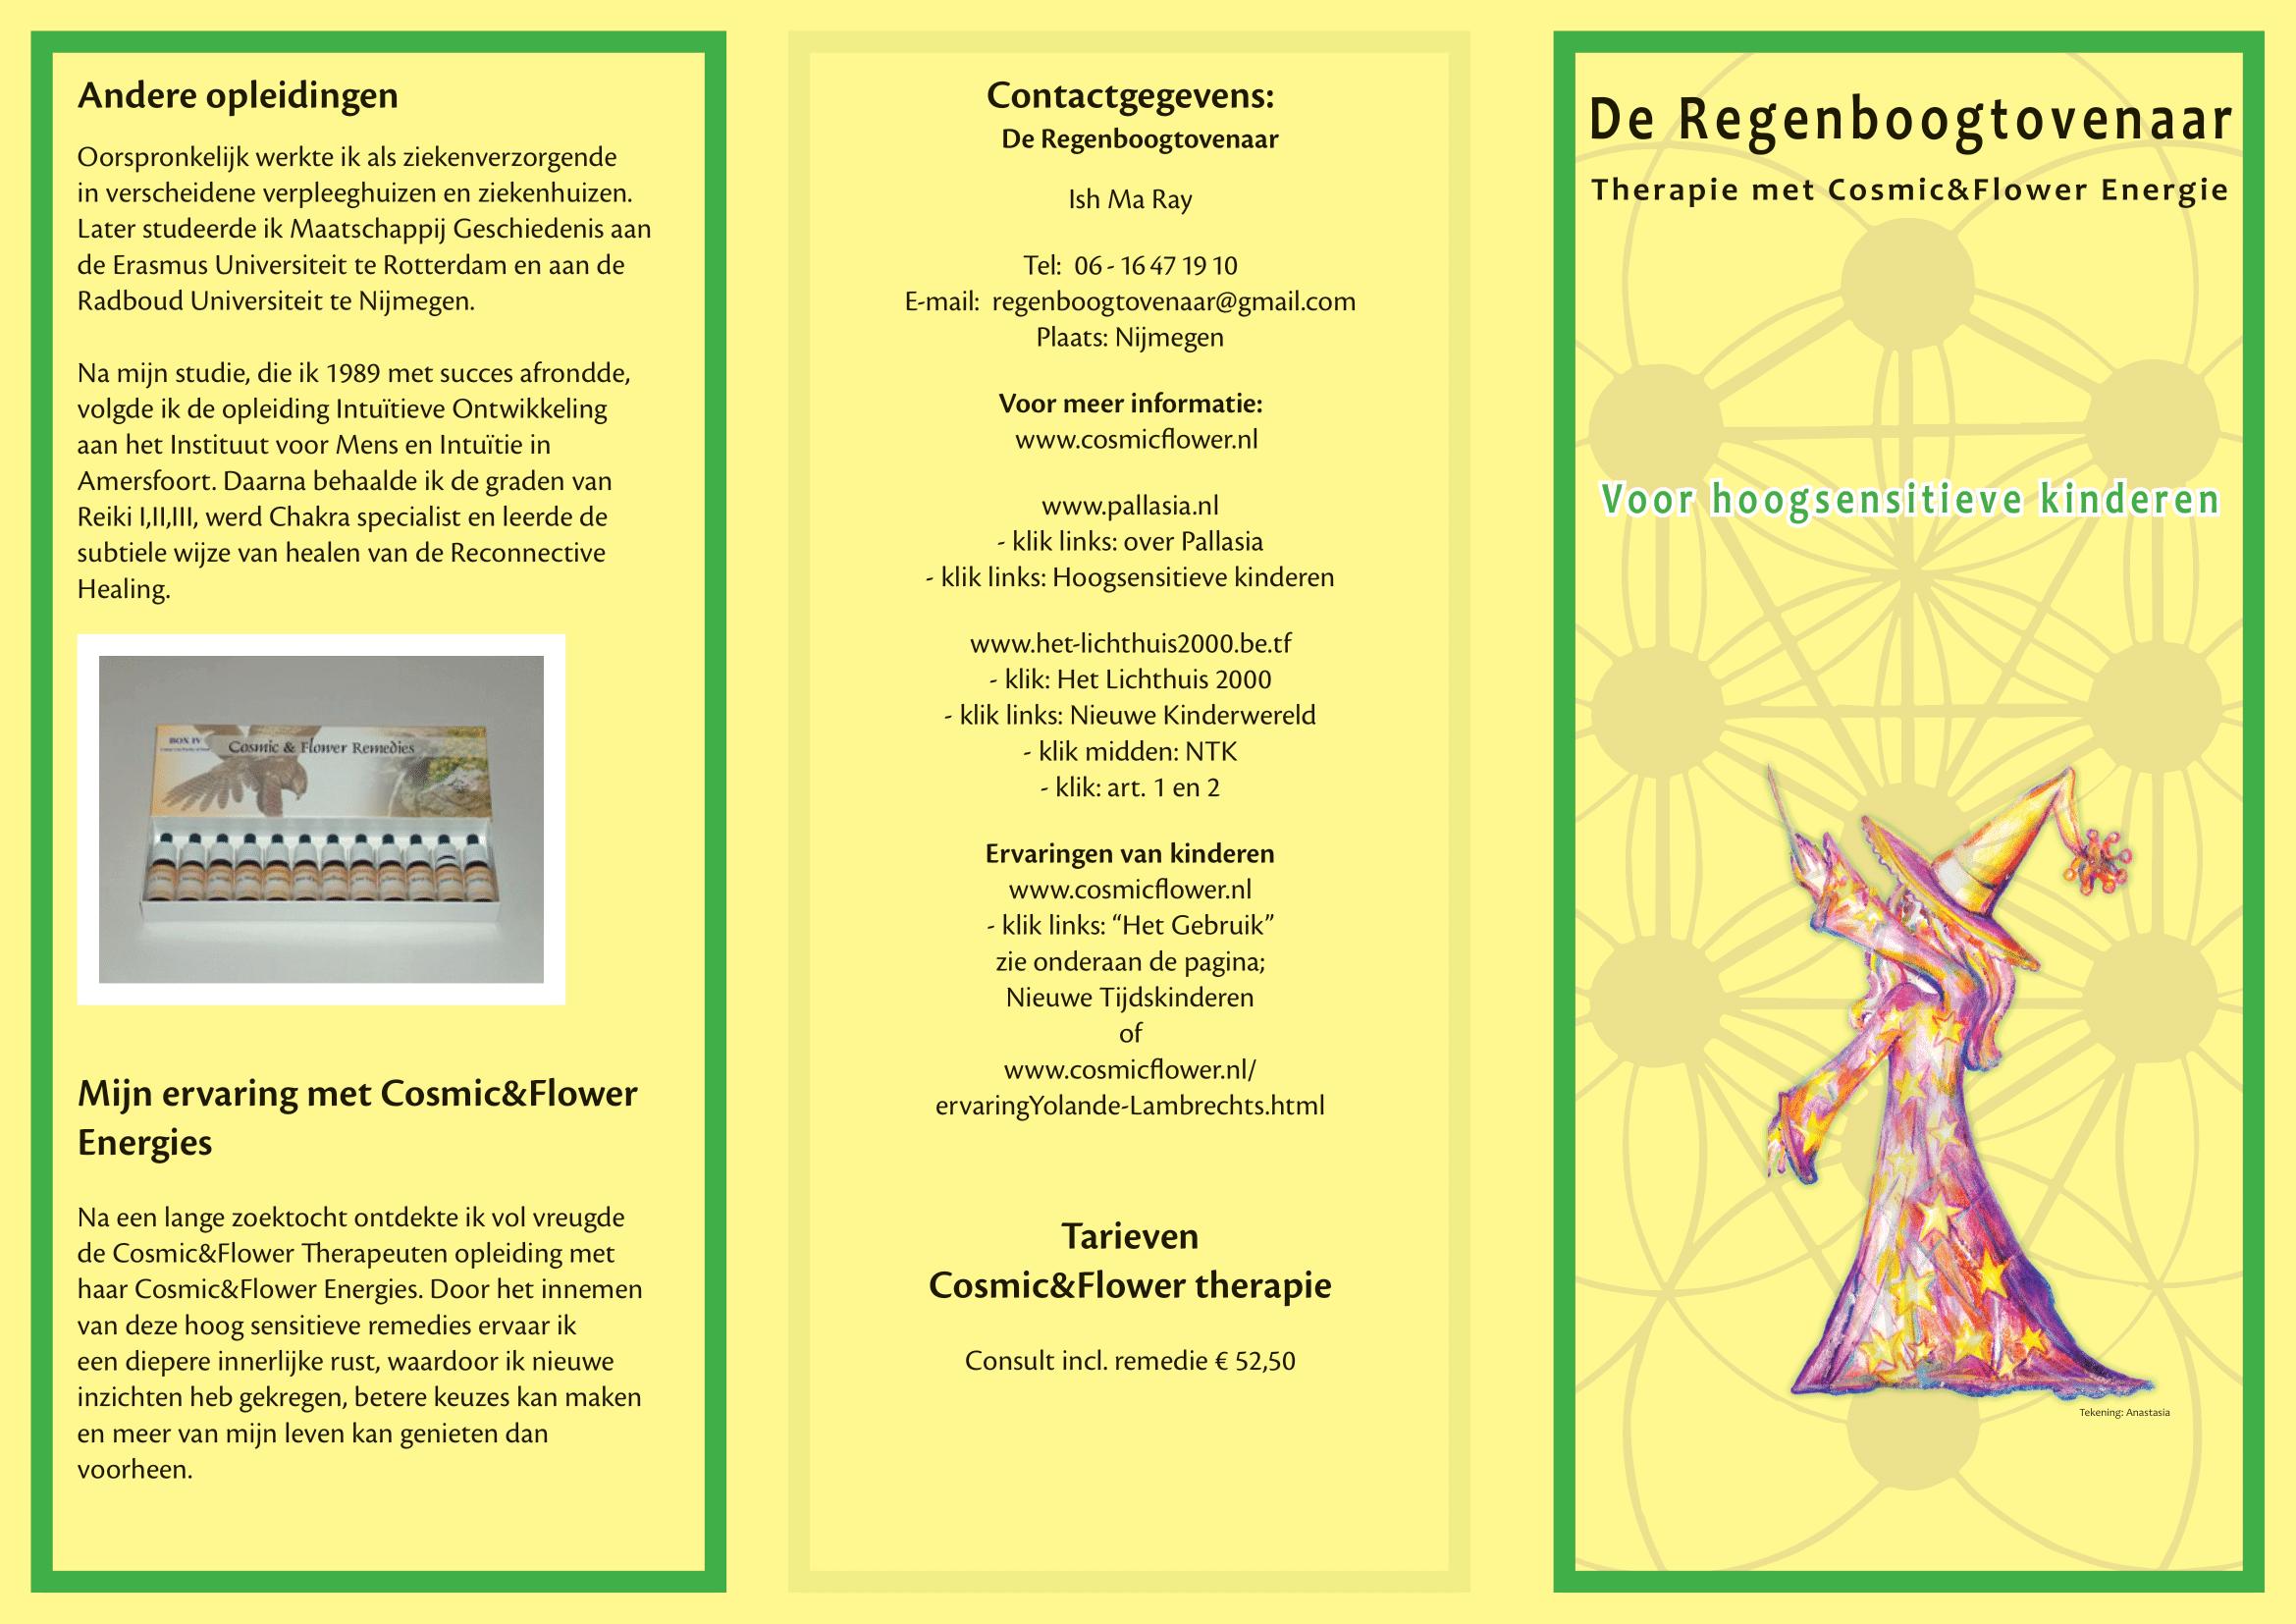 Regenboogtovenaar-1